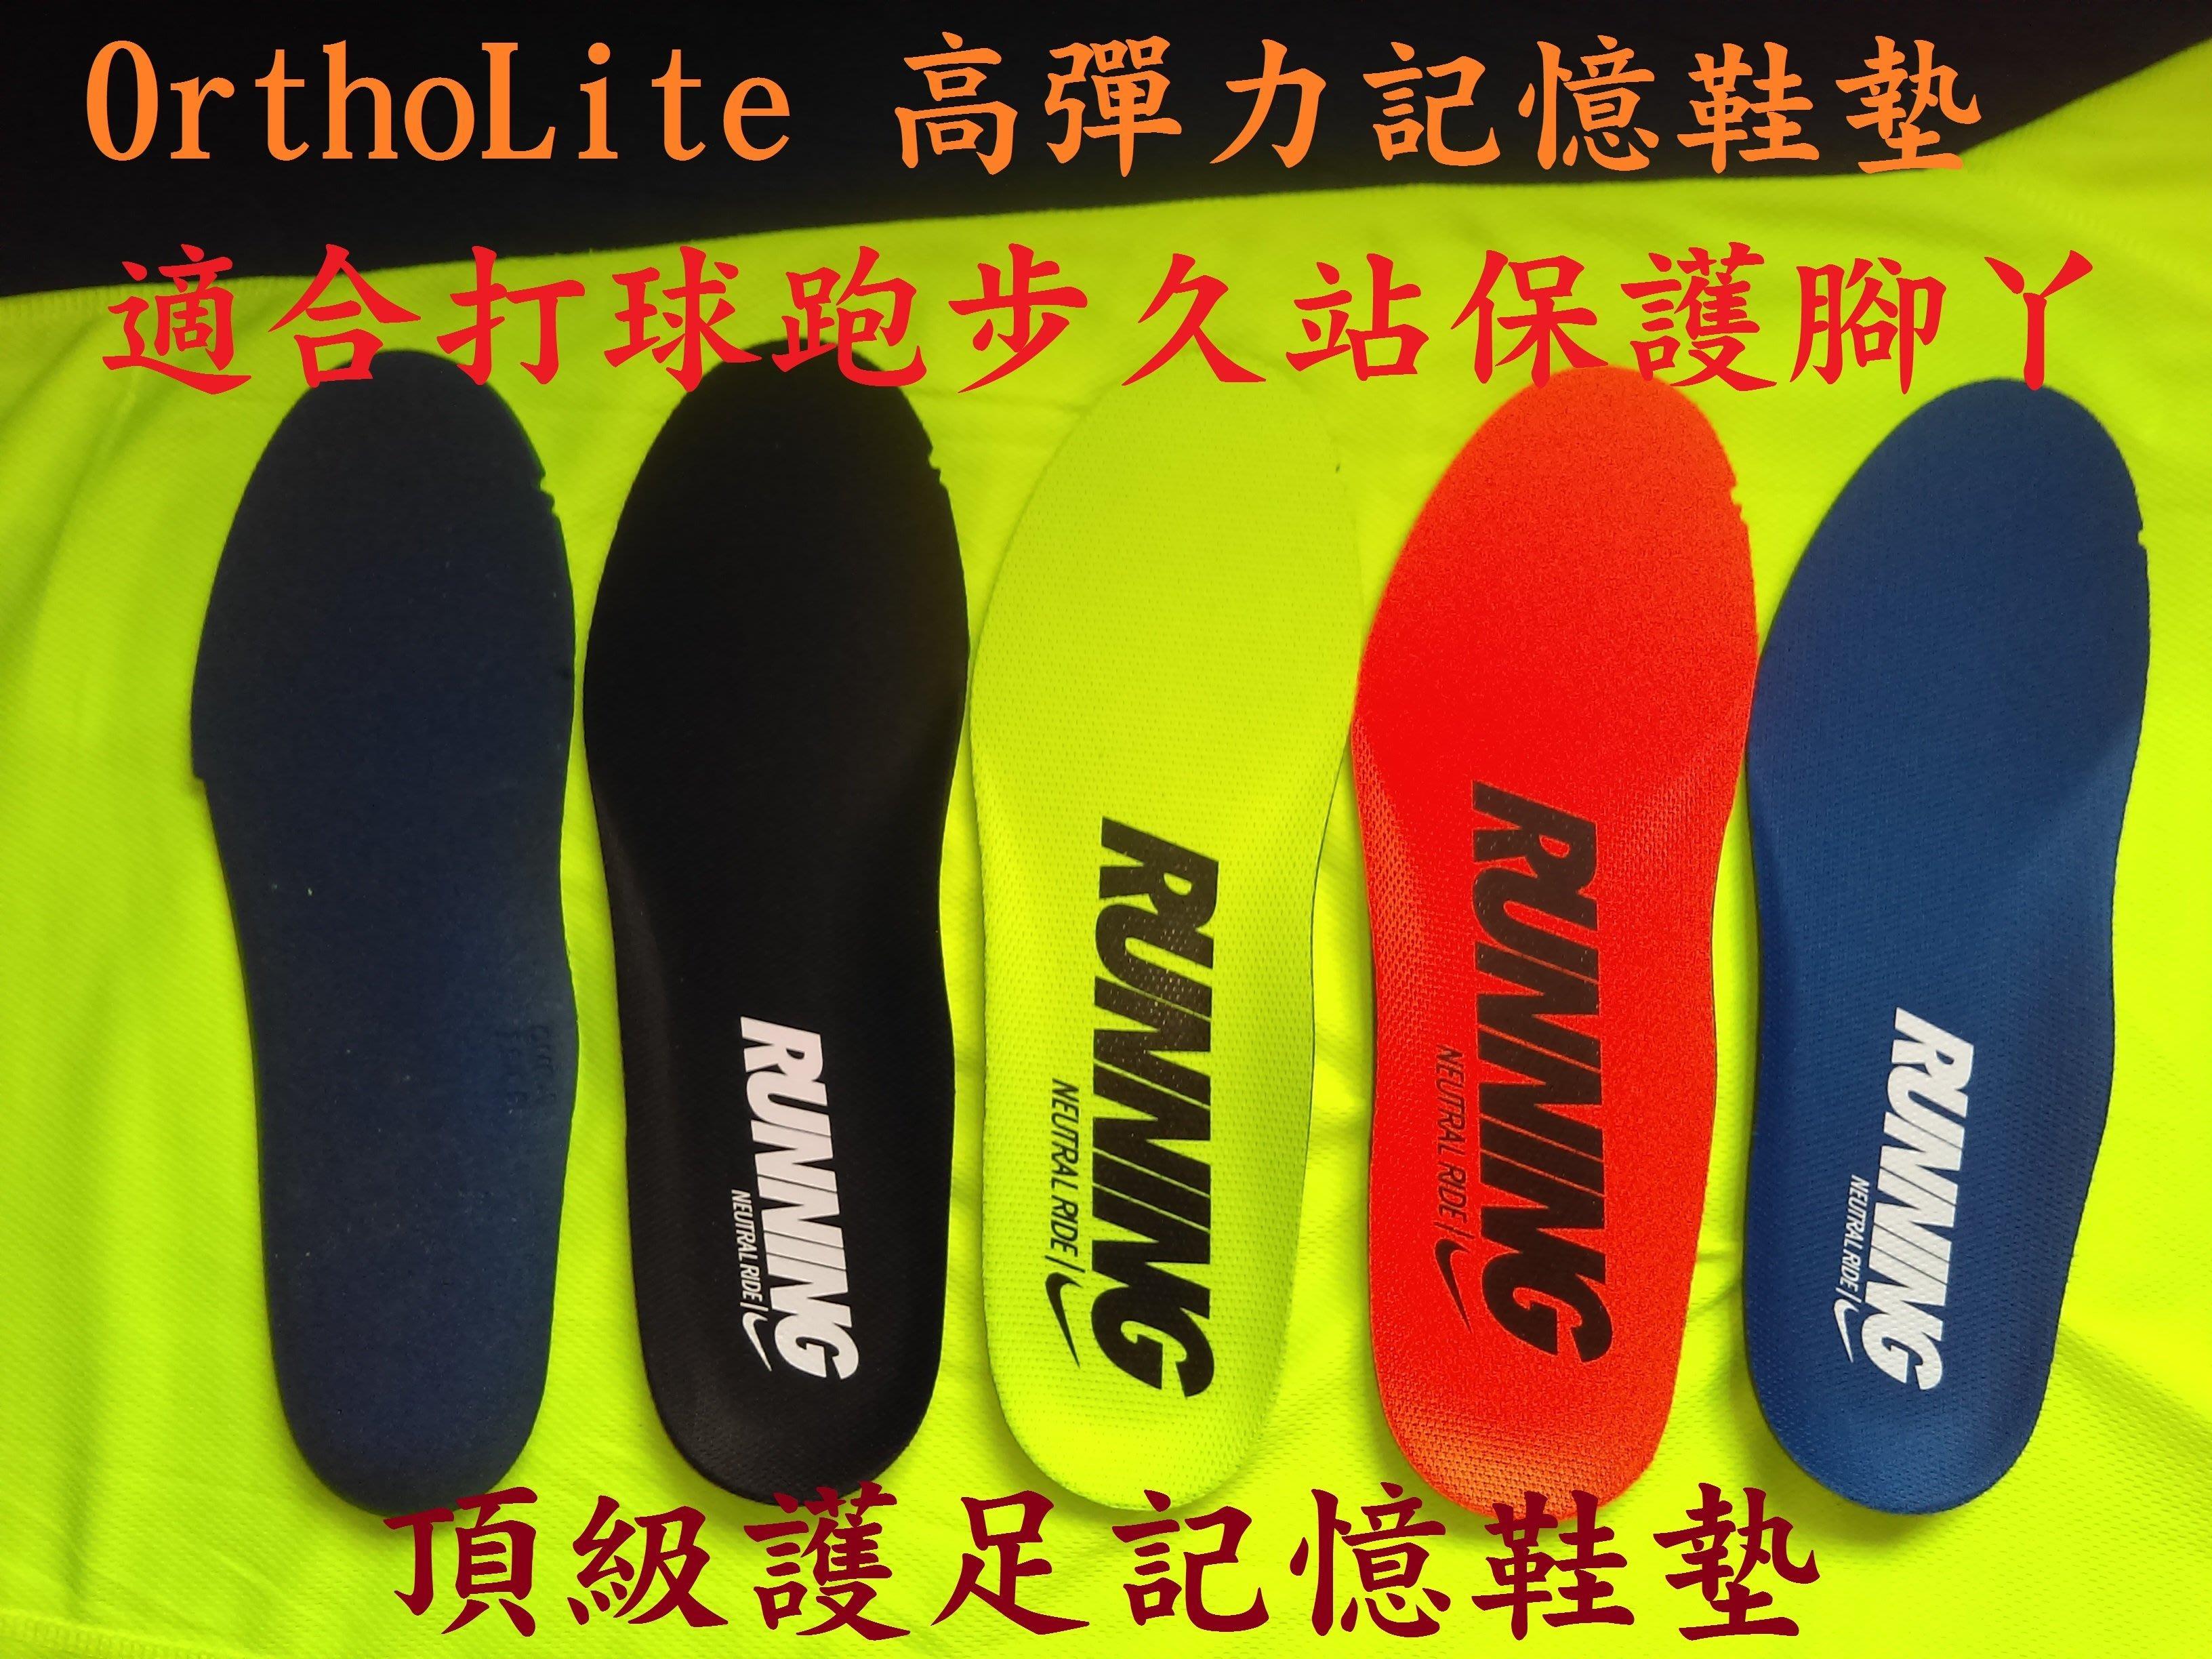 專業記憶鞋墊/氣墊 二雙優惠價300元 Ortholite 記憶海綿  久站或運動保護腳丫 超舒適!